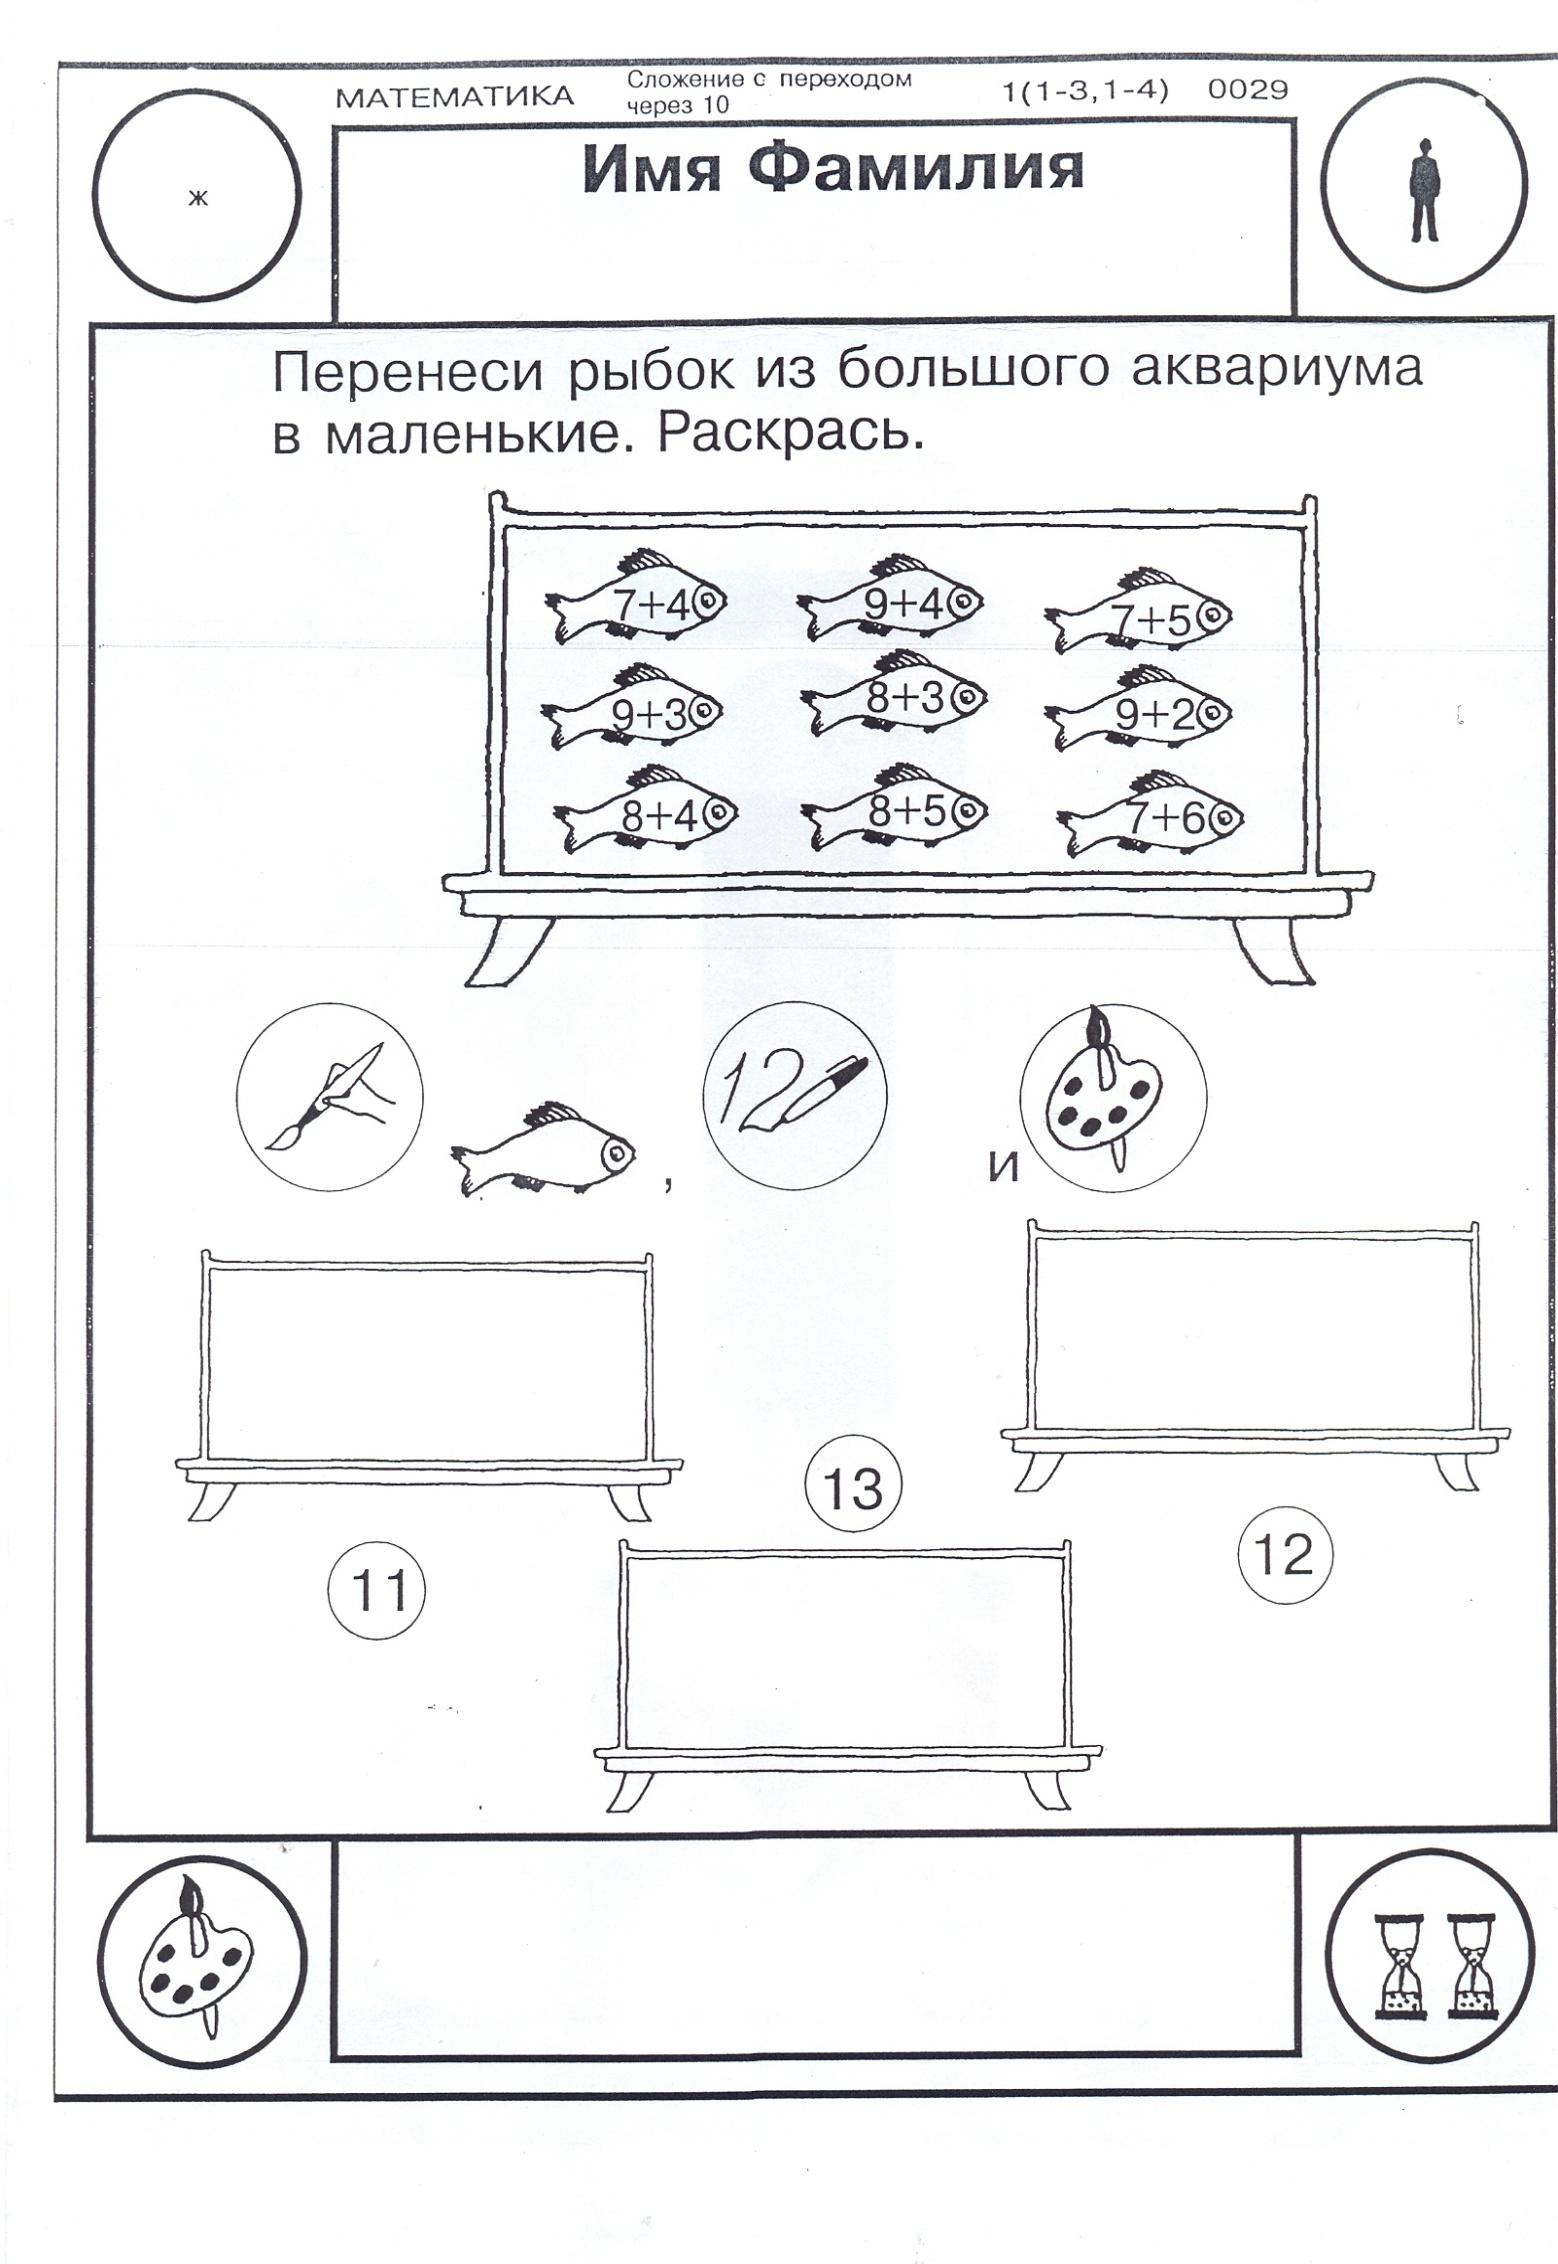 C:\Users\Ирина\Documents\сканирование0002.jpg